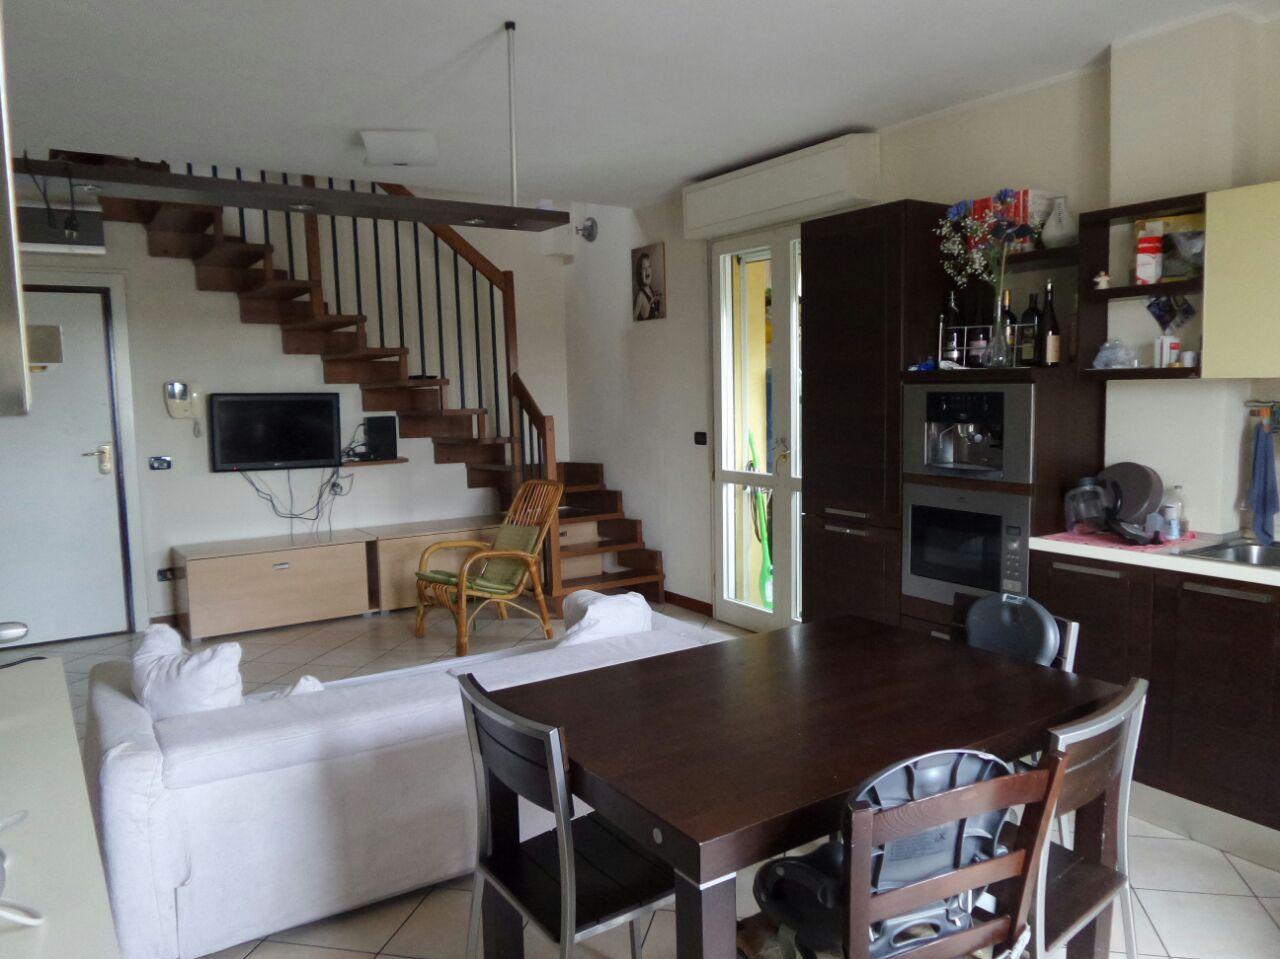 Appartamento in vendita a Cesena, 5 locali, zona Località: S.Egidio, prezzo € 199.000 | CambioCasa.it